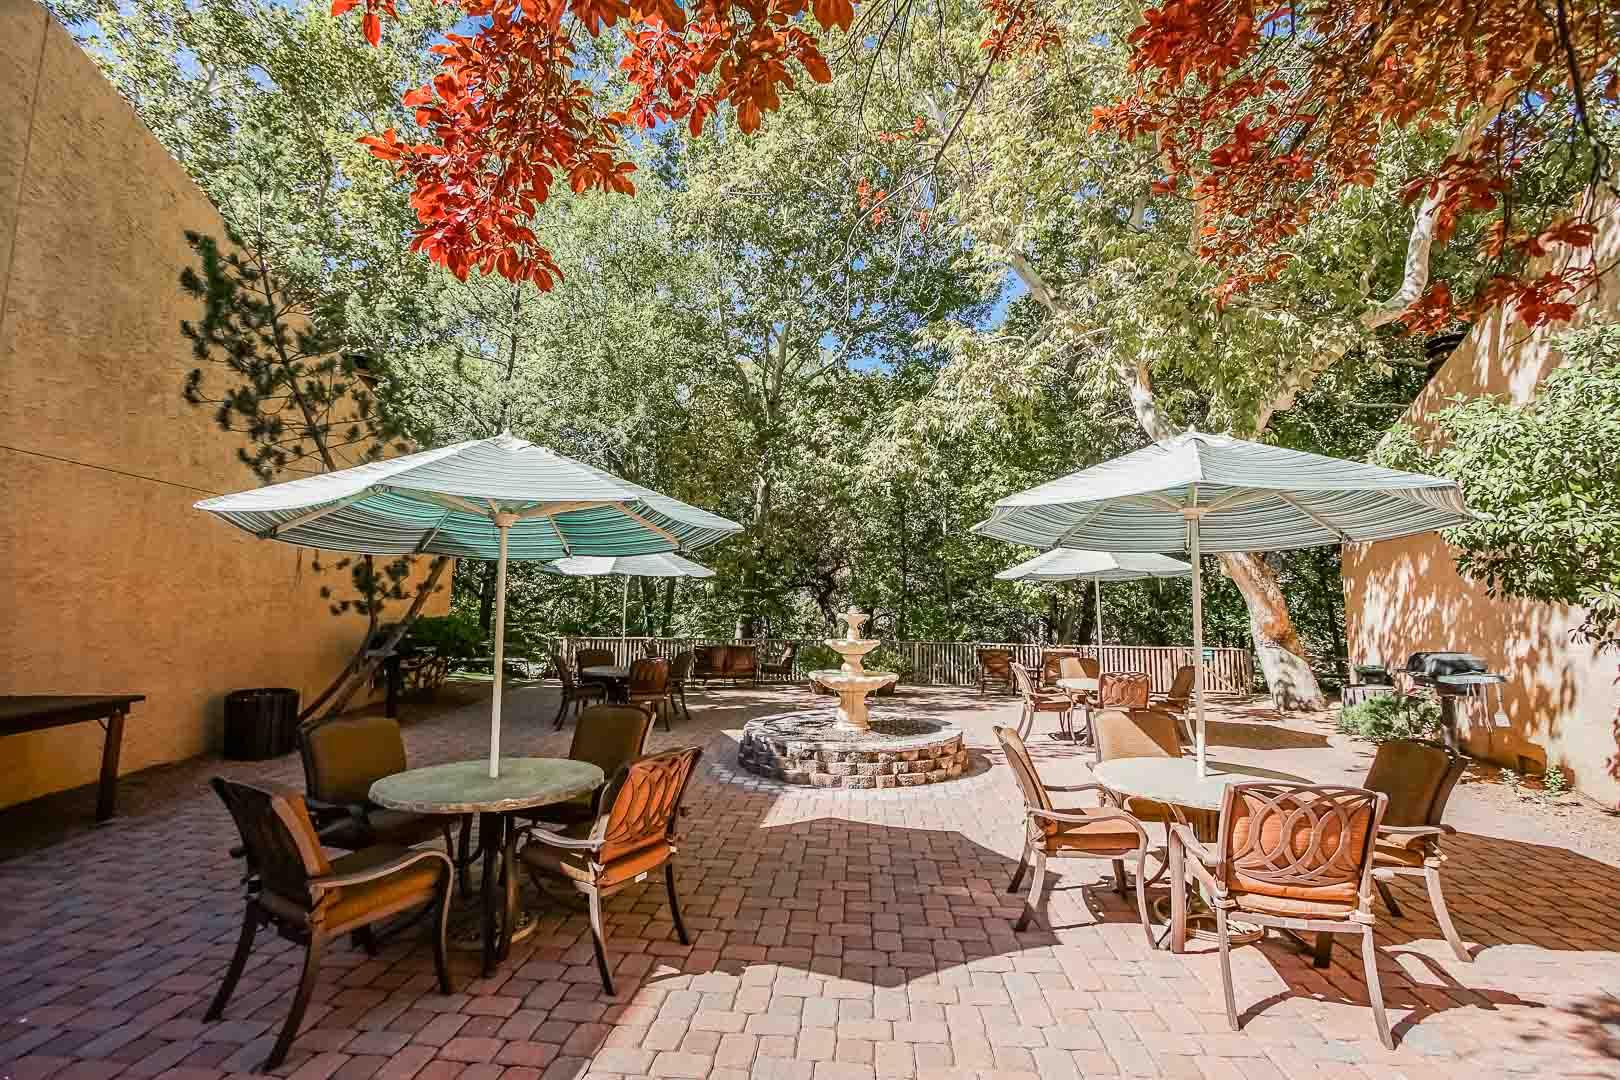 A peaceful outdoor seating at VRI's Villas at Poco Diablo in Sedona, Arizona.